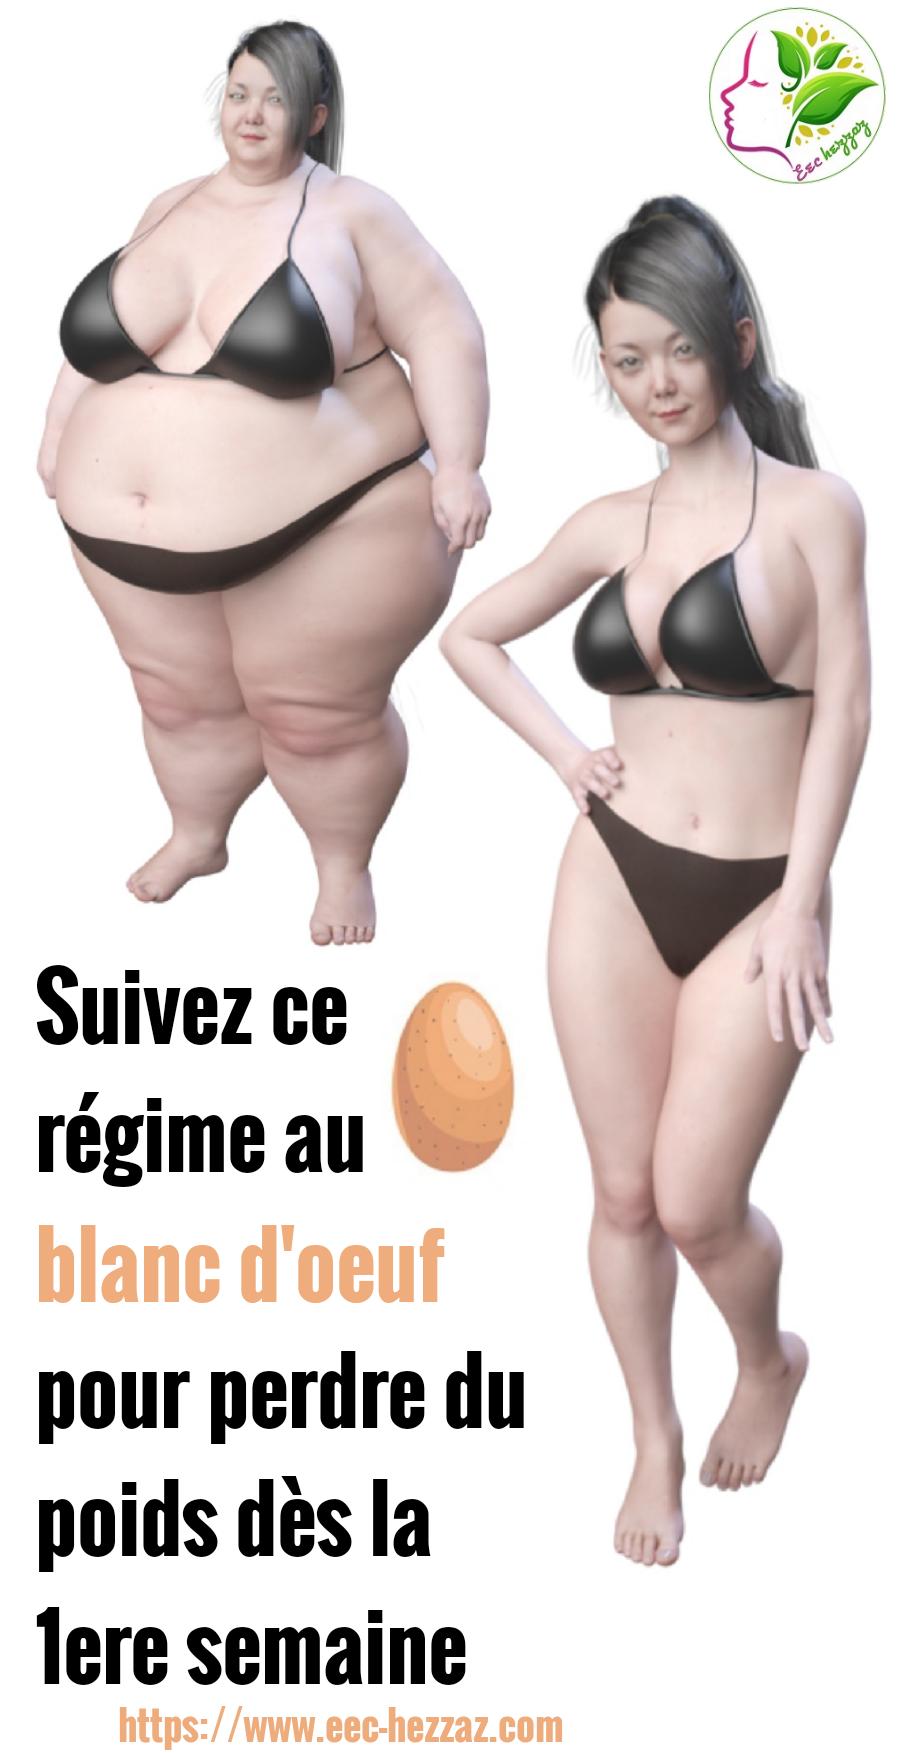 Suivez ce régime au blanc d'oeuf pour perdre du poids dès la 1ere semaine